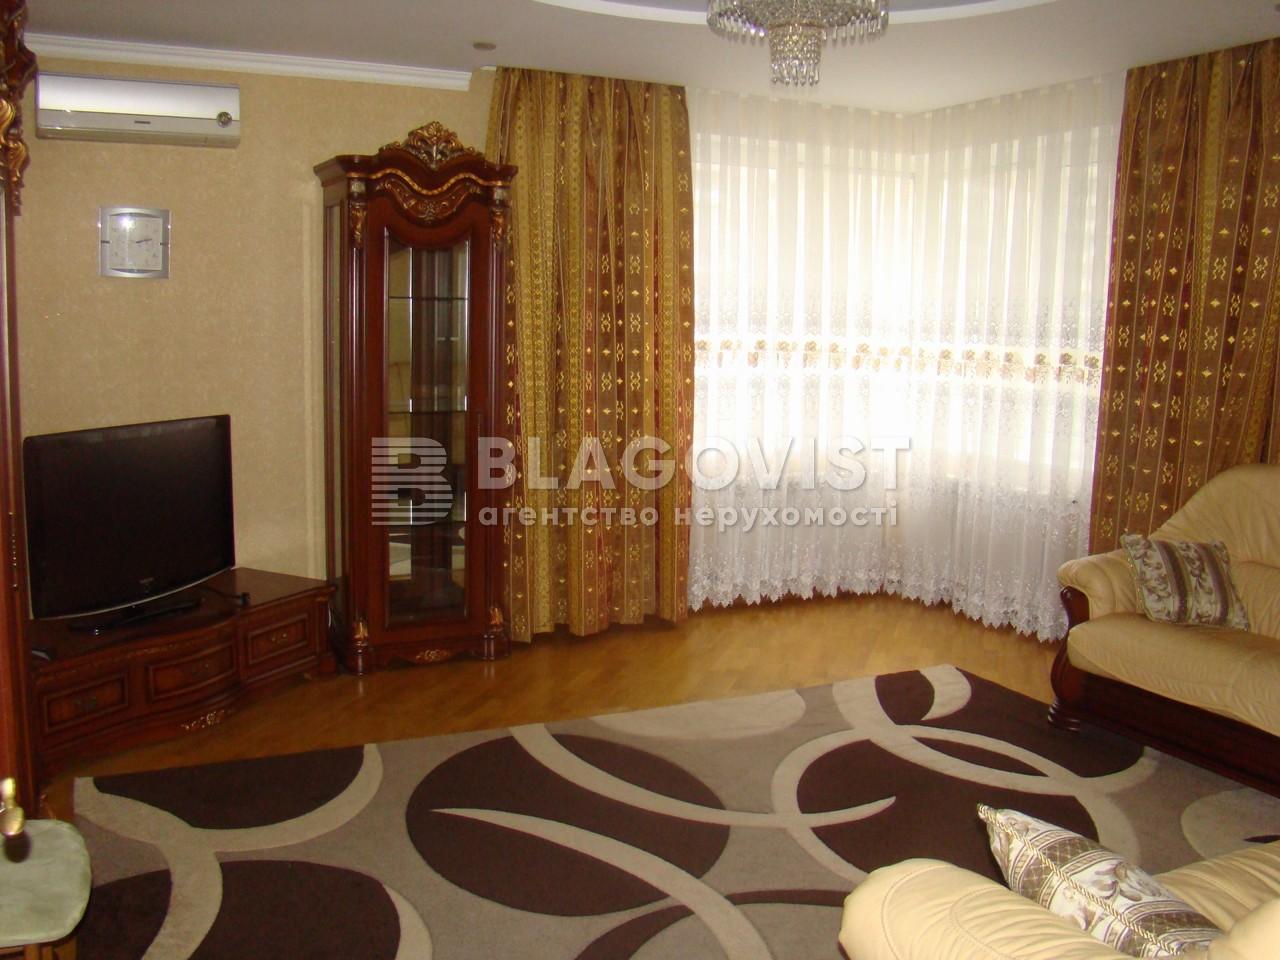 Квартира R-13781, Ирпенская, 69а, Киев - Фото 6